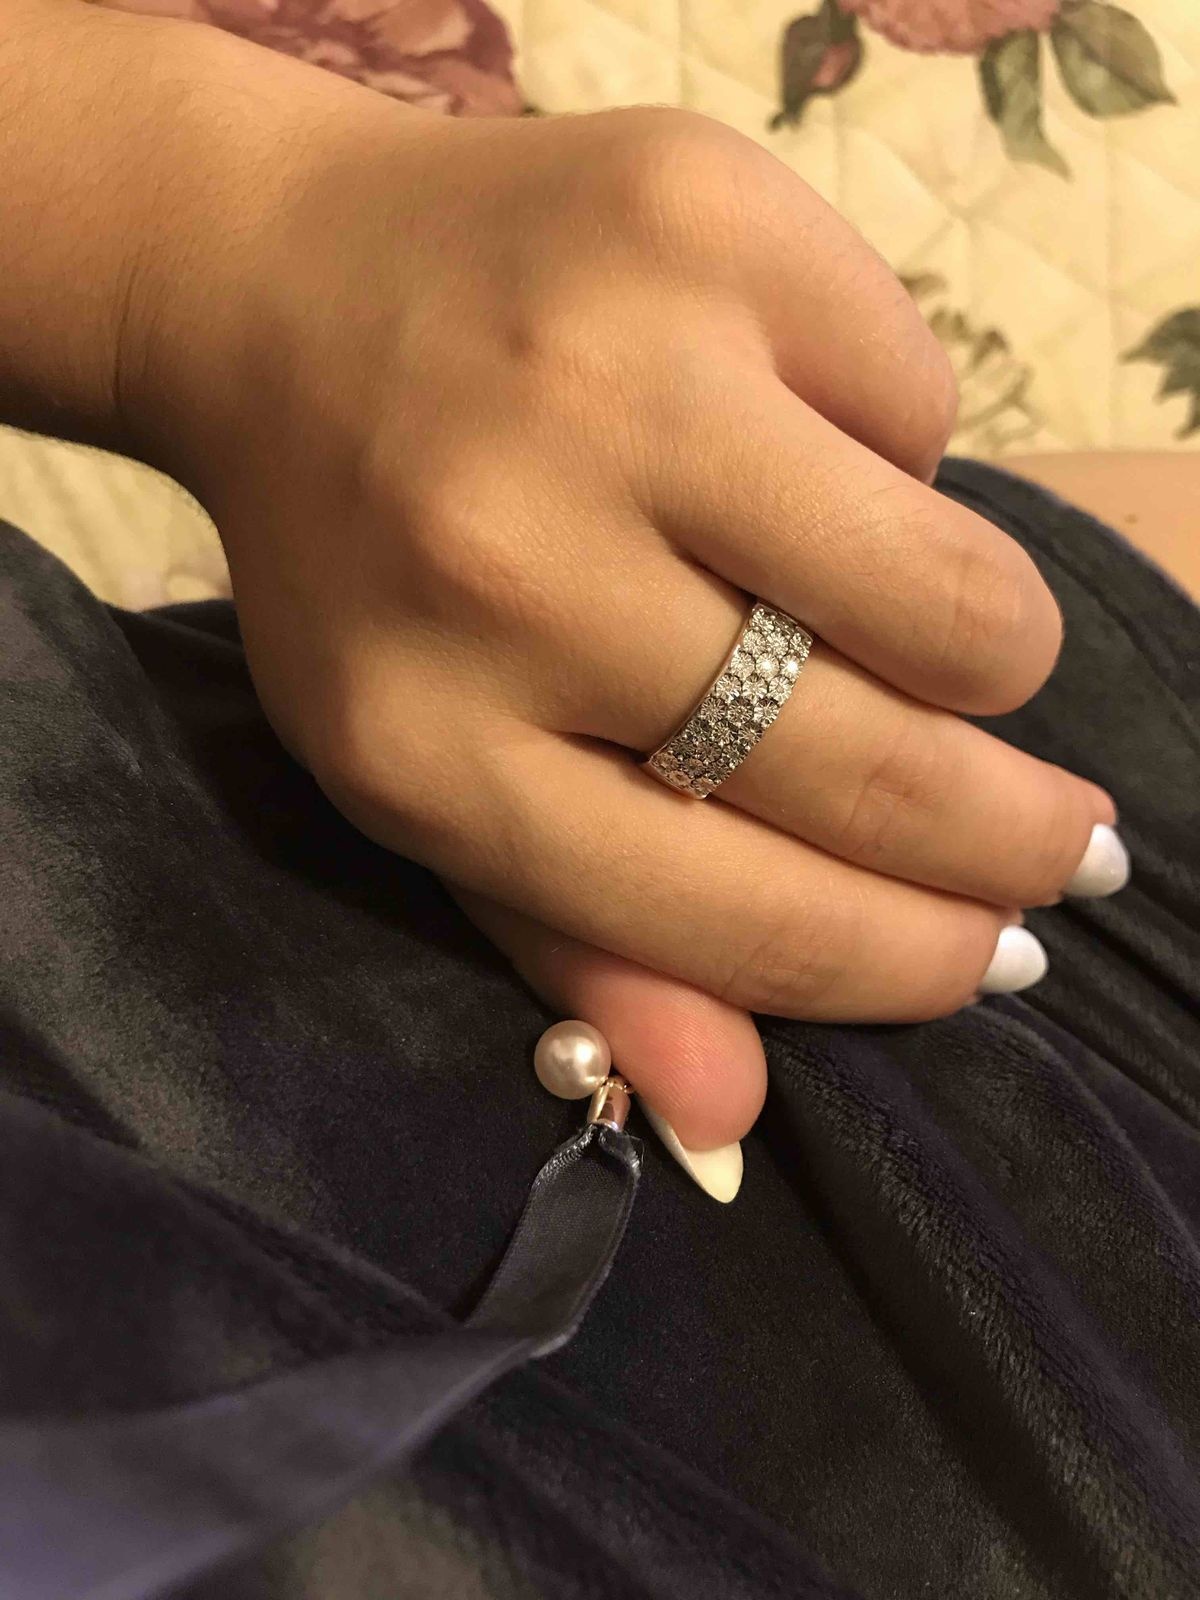 Лучшие друзья девушек-бриллианты